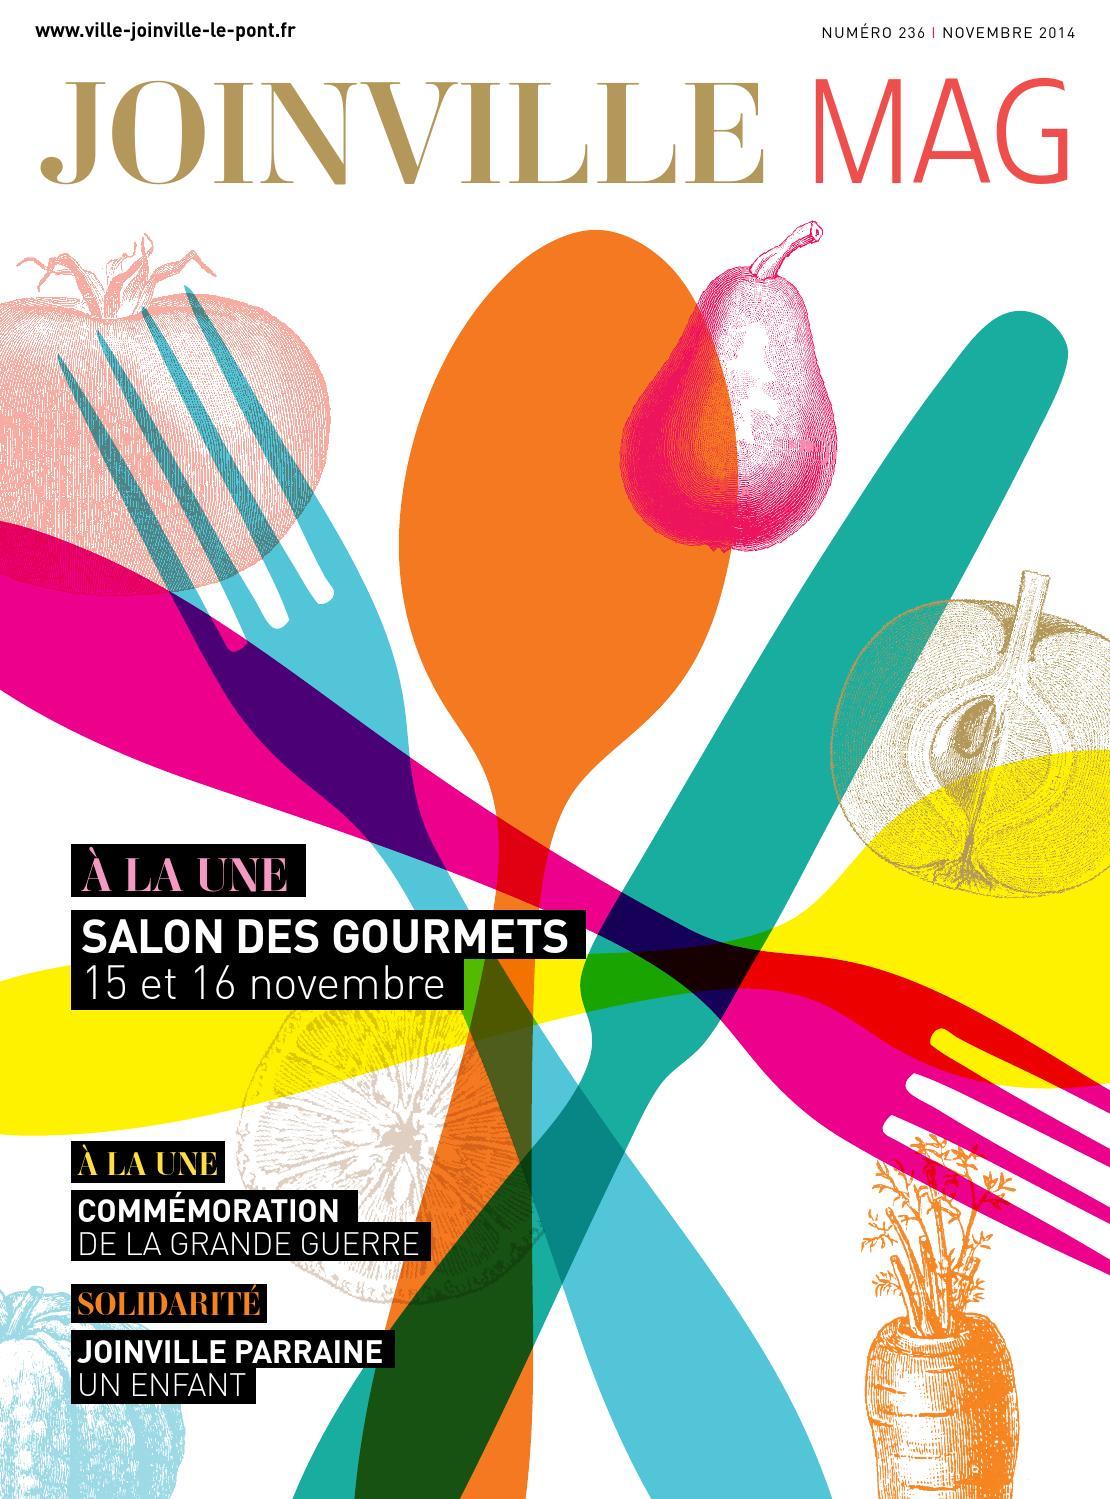 Joinville le pont magazine n 236 novembre2014 by mairie de - Salon des gourmets joinville le pont ...